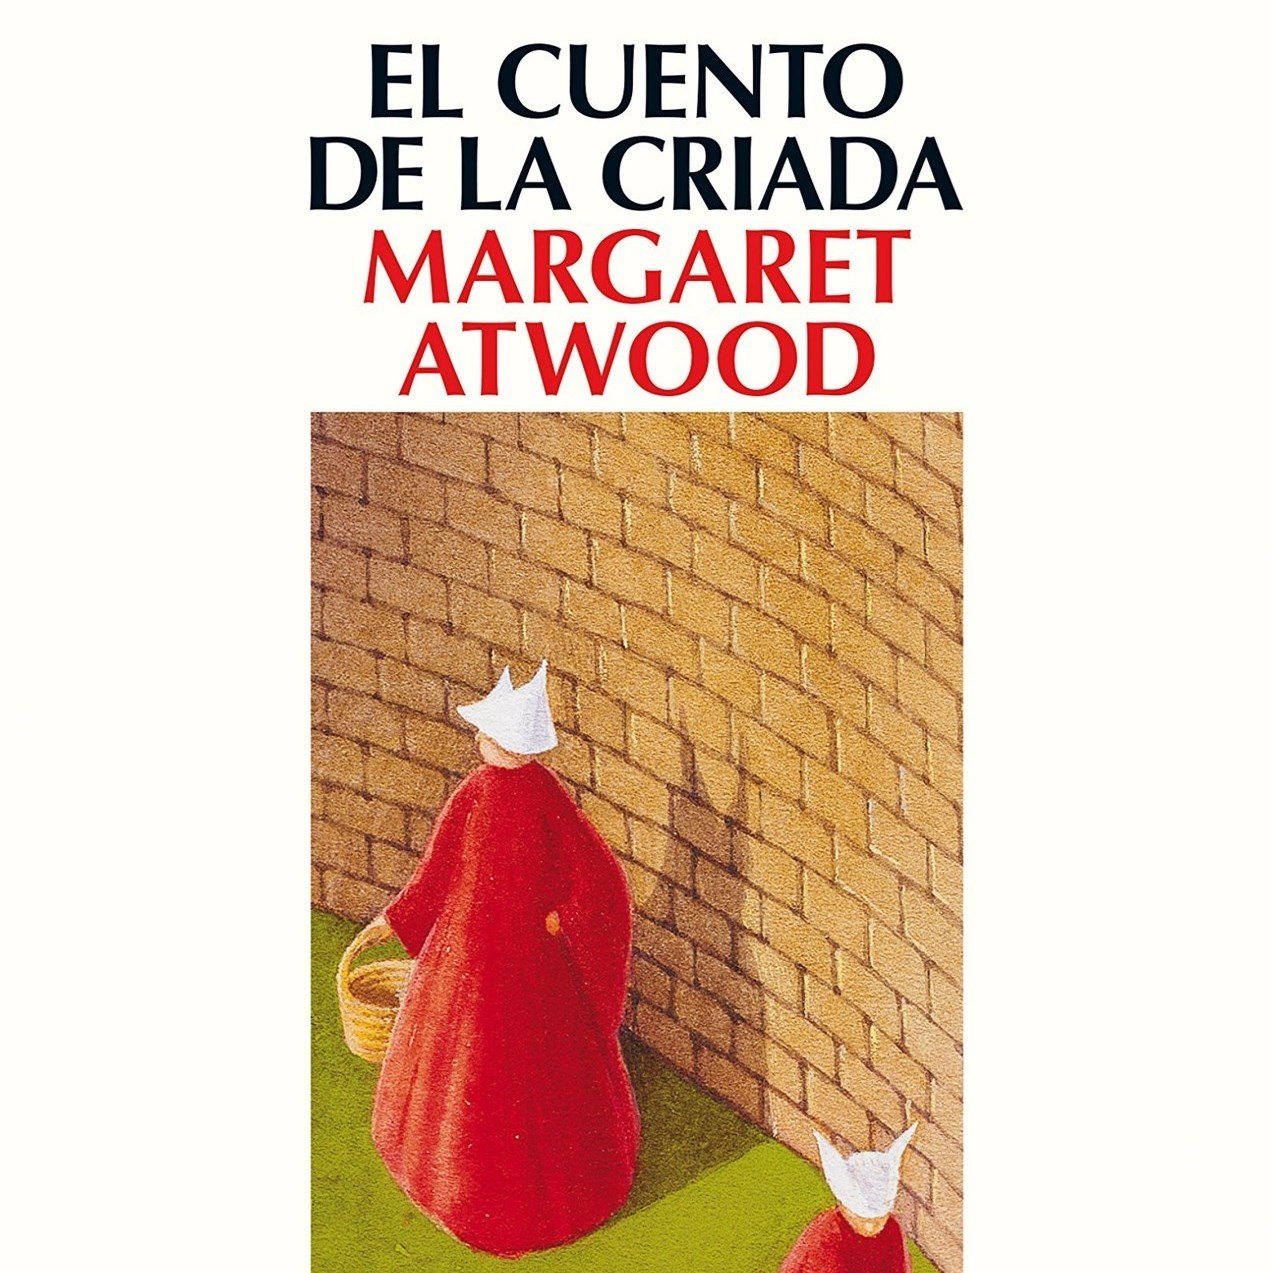 'El cuento de la criada', de Margaret Atwood